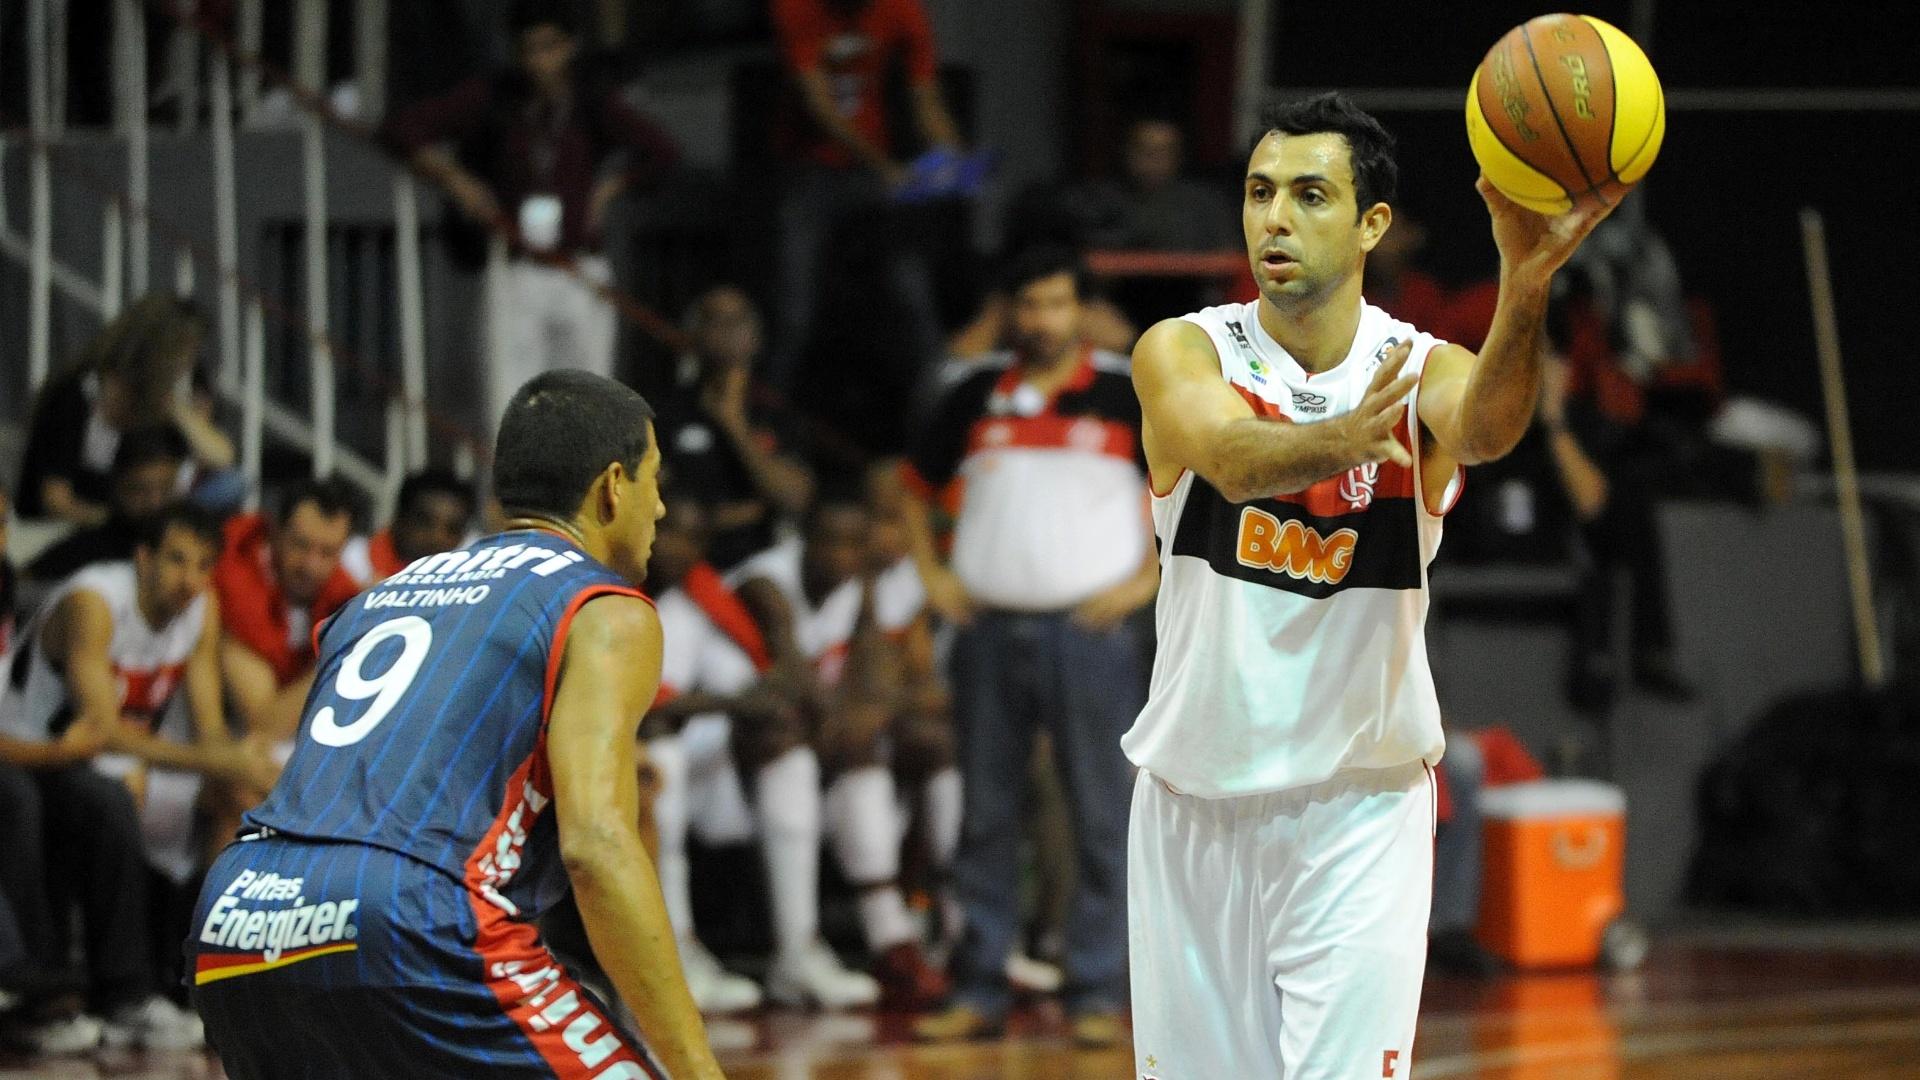 O armador Hélio, do Flamengo, tenta o passe enquanto é marcado por Valtinho, do Uberlândia